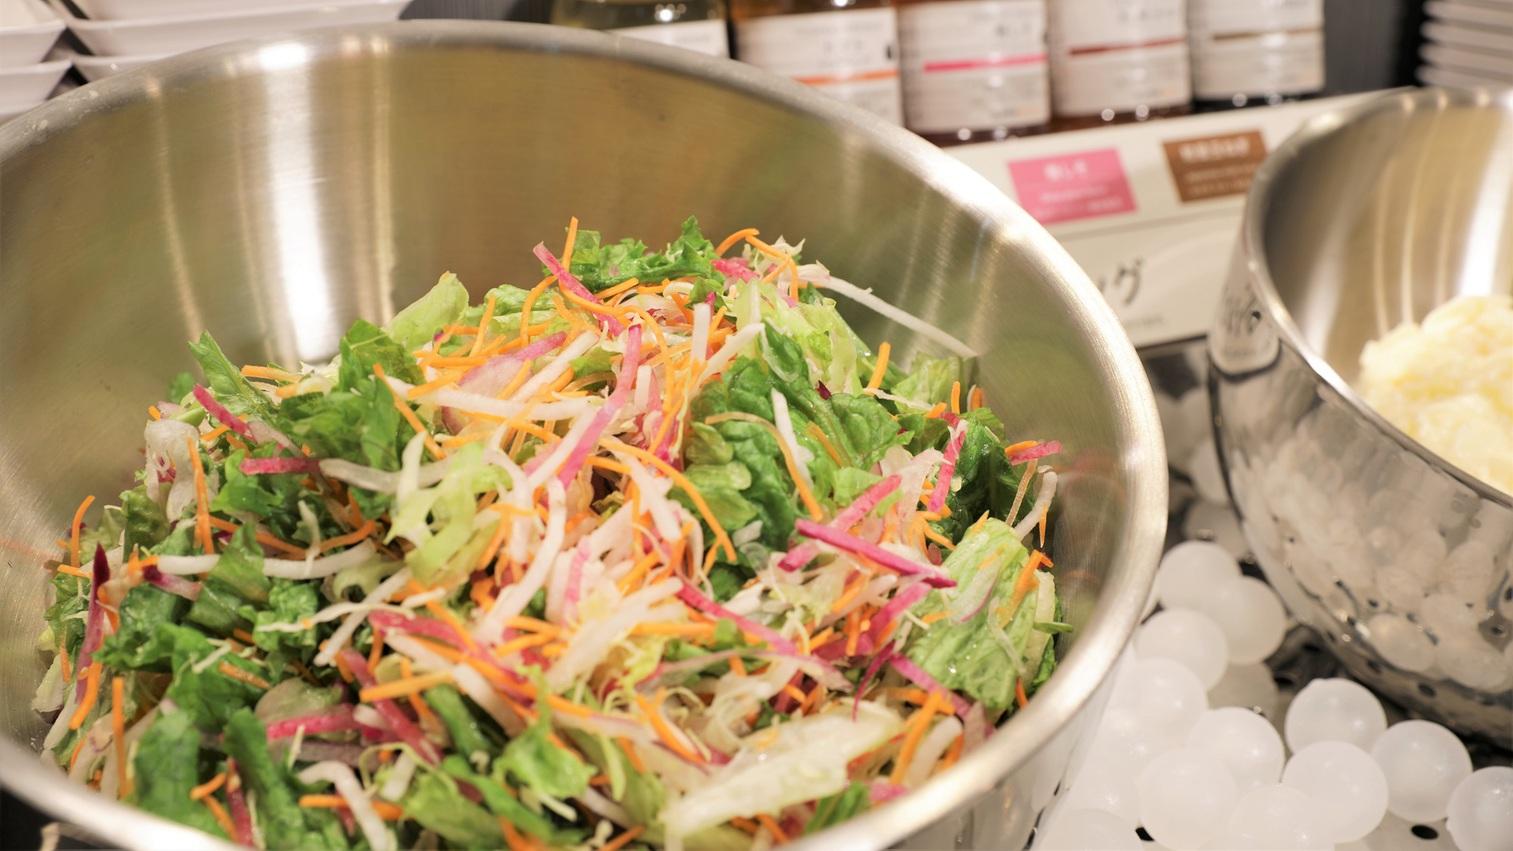 【Organic】有機JAS認定の野菜を使用したサラダはビタミンCやミネラルが豊富